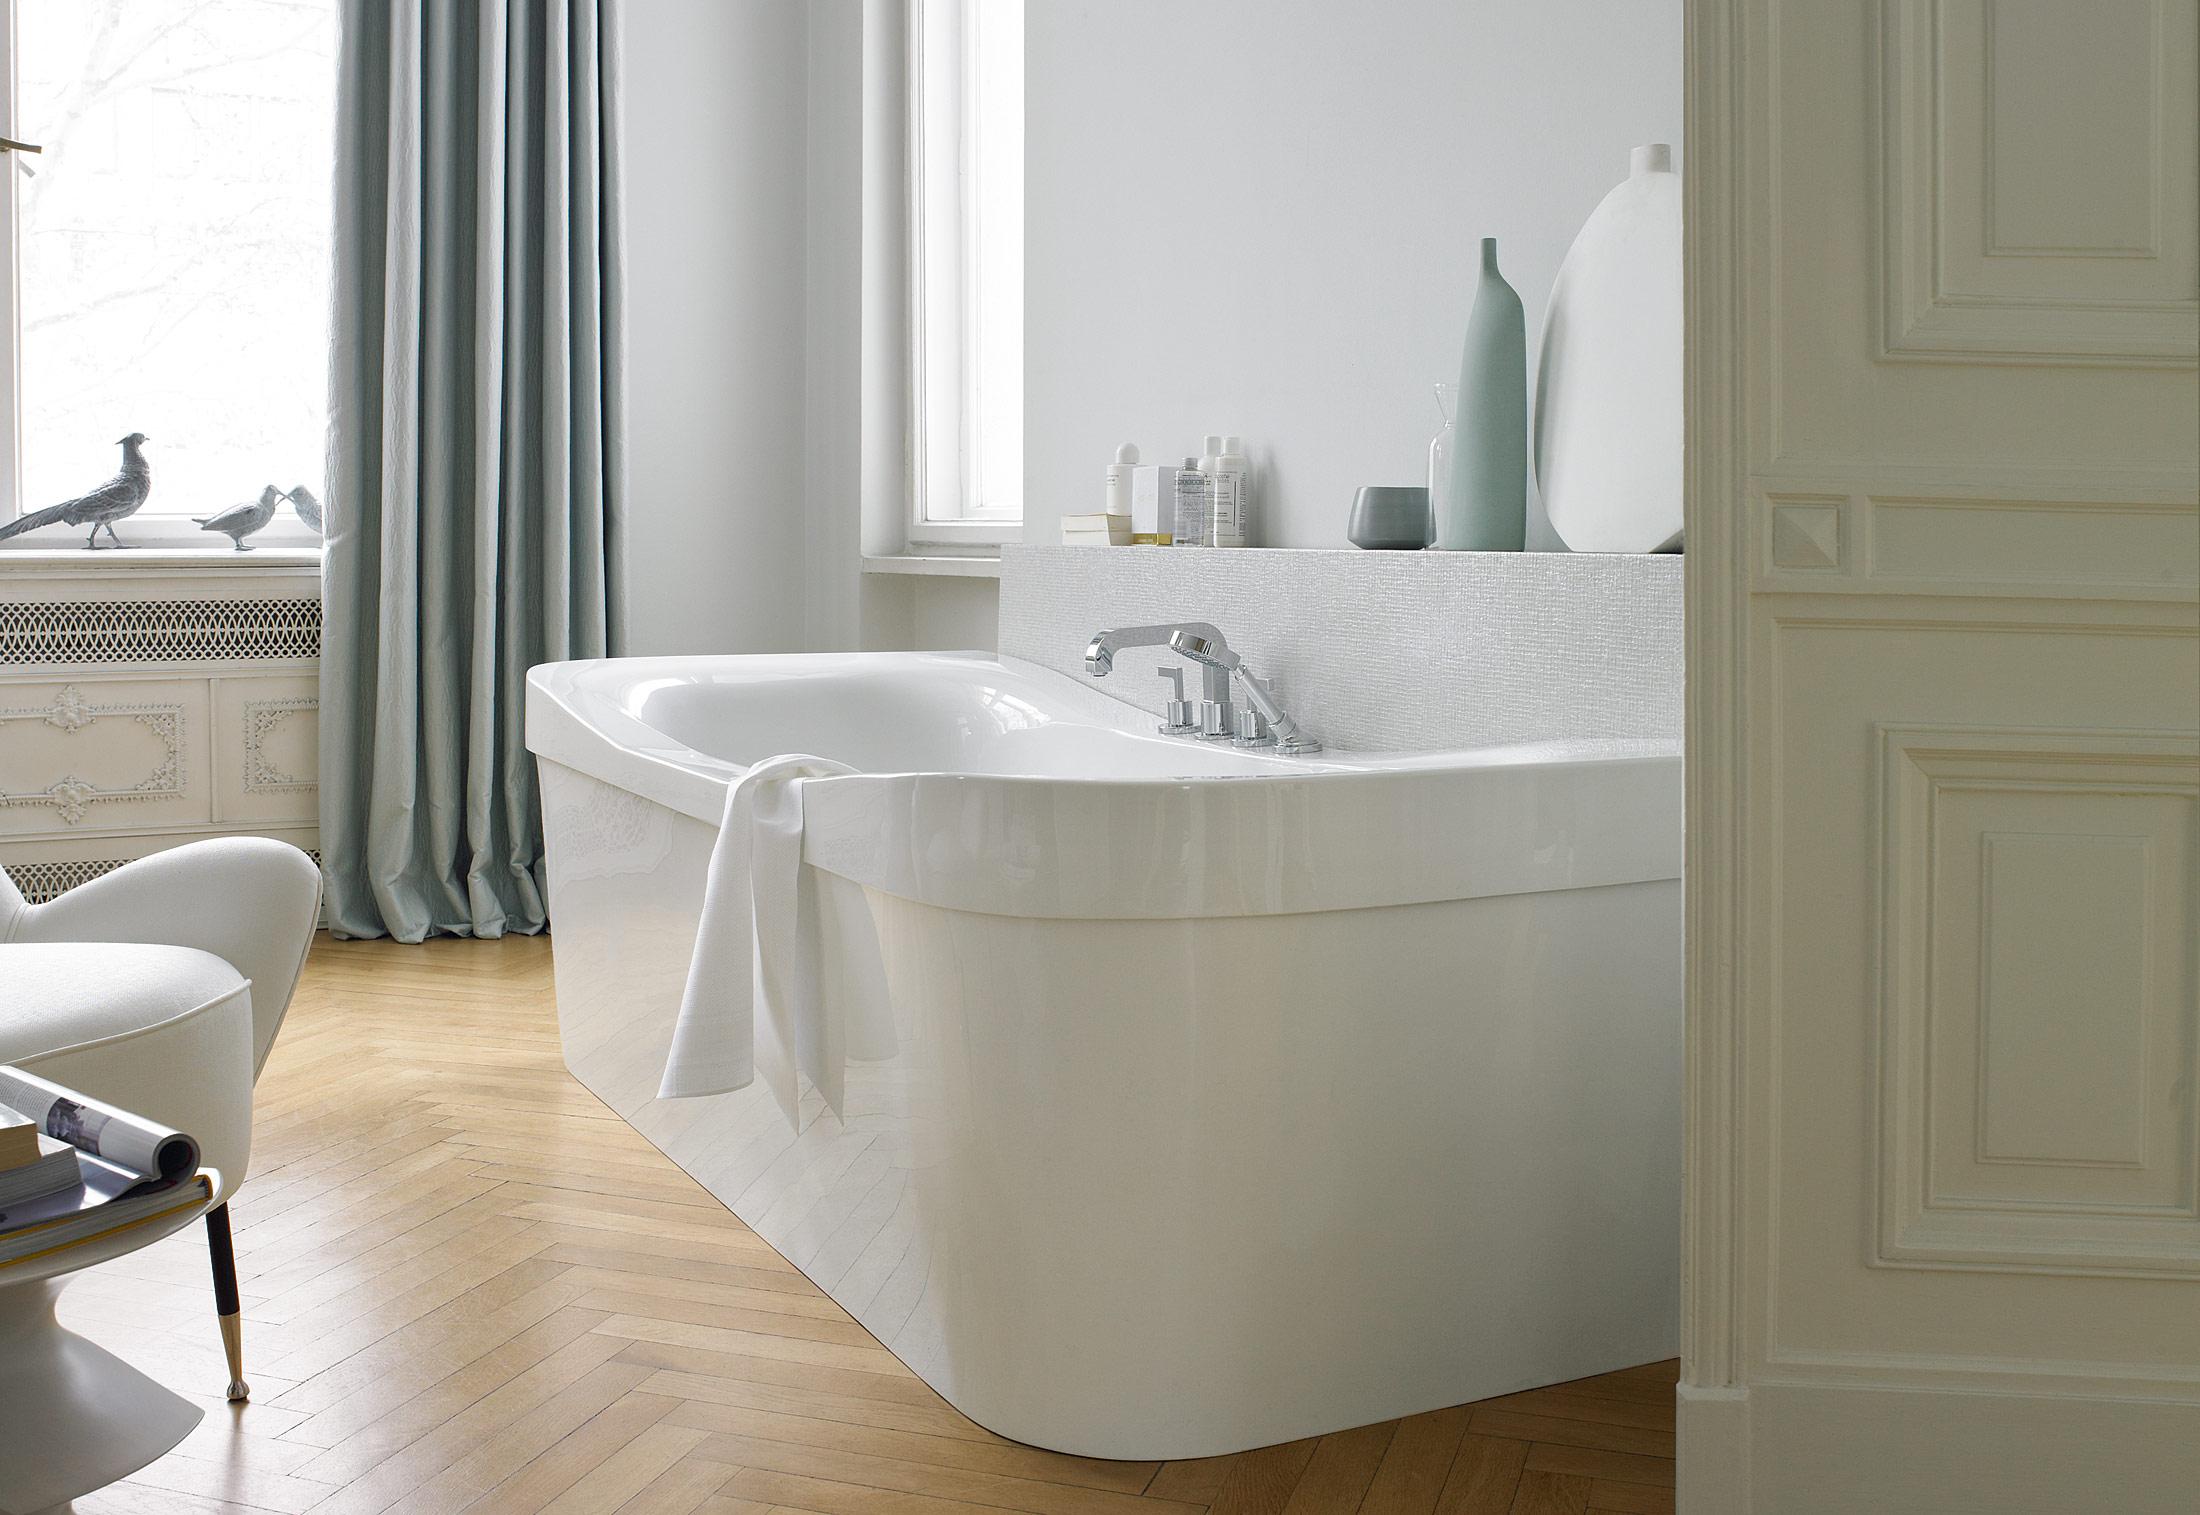 Esplanade bath tub by Duravit | STYLEPARK